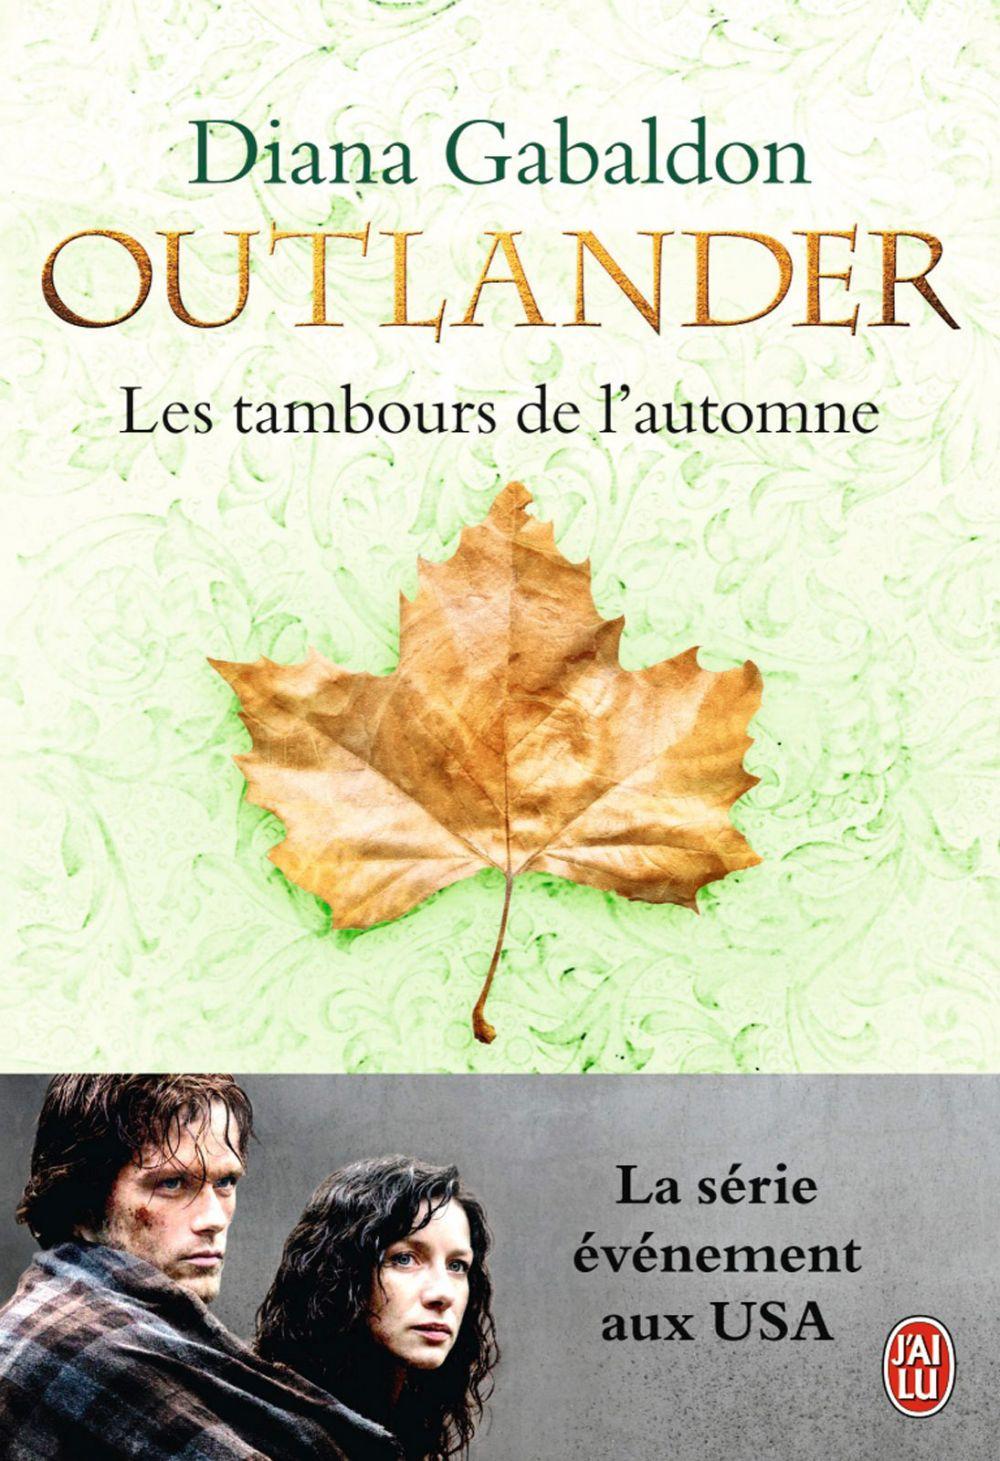 Outlander (Tome 4) - Les tambours de l'automne | Safavi, Philippe. Contributeur